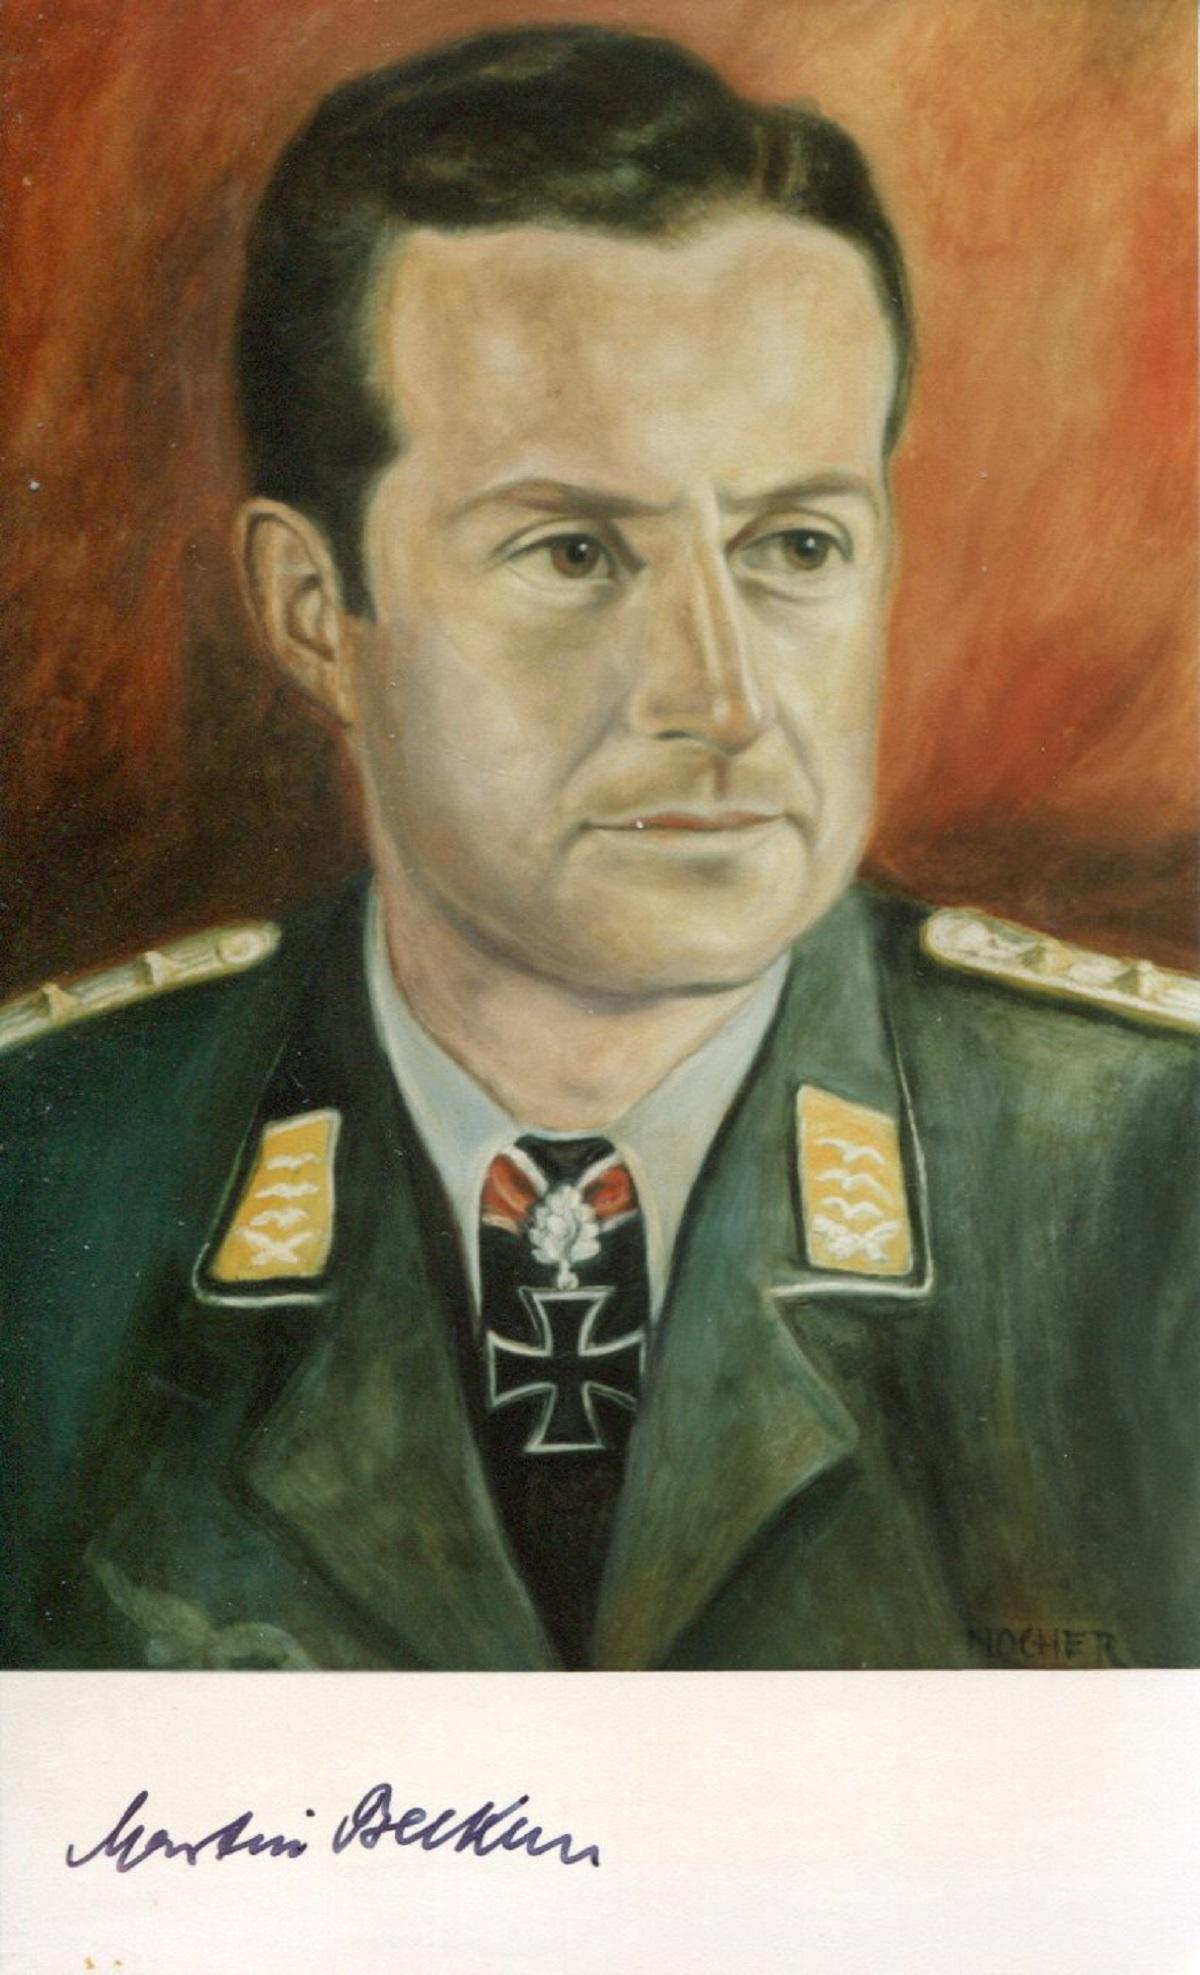 Luftwaffe Knights Cross ace pilot Martin Becker KC signed 6x4 photo. Good condition. All